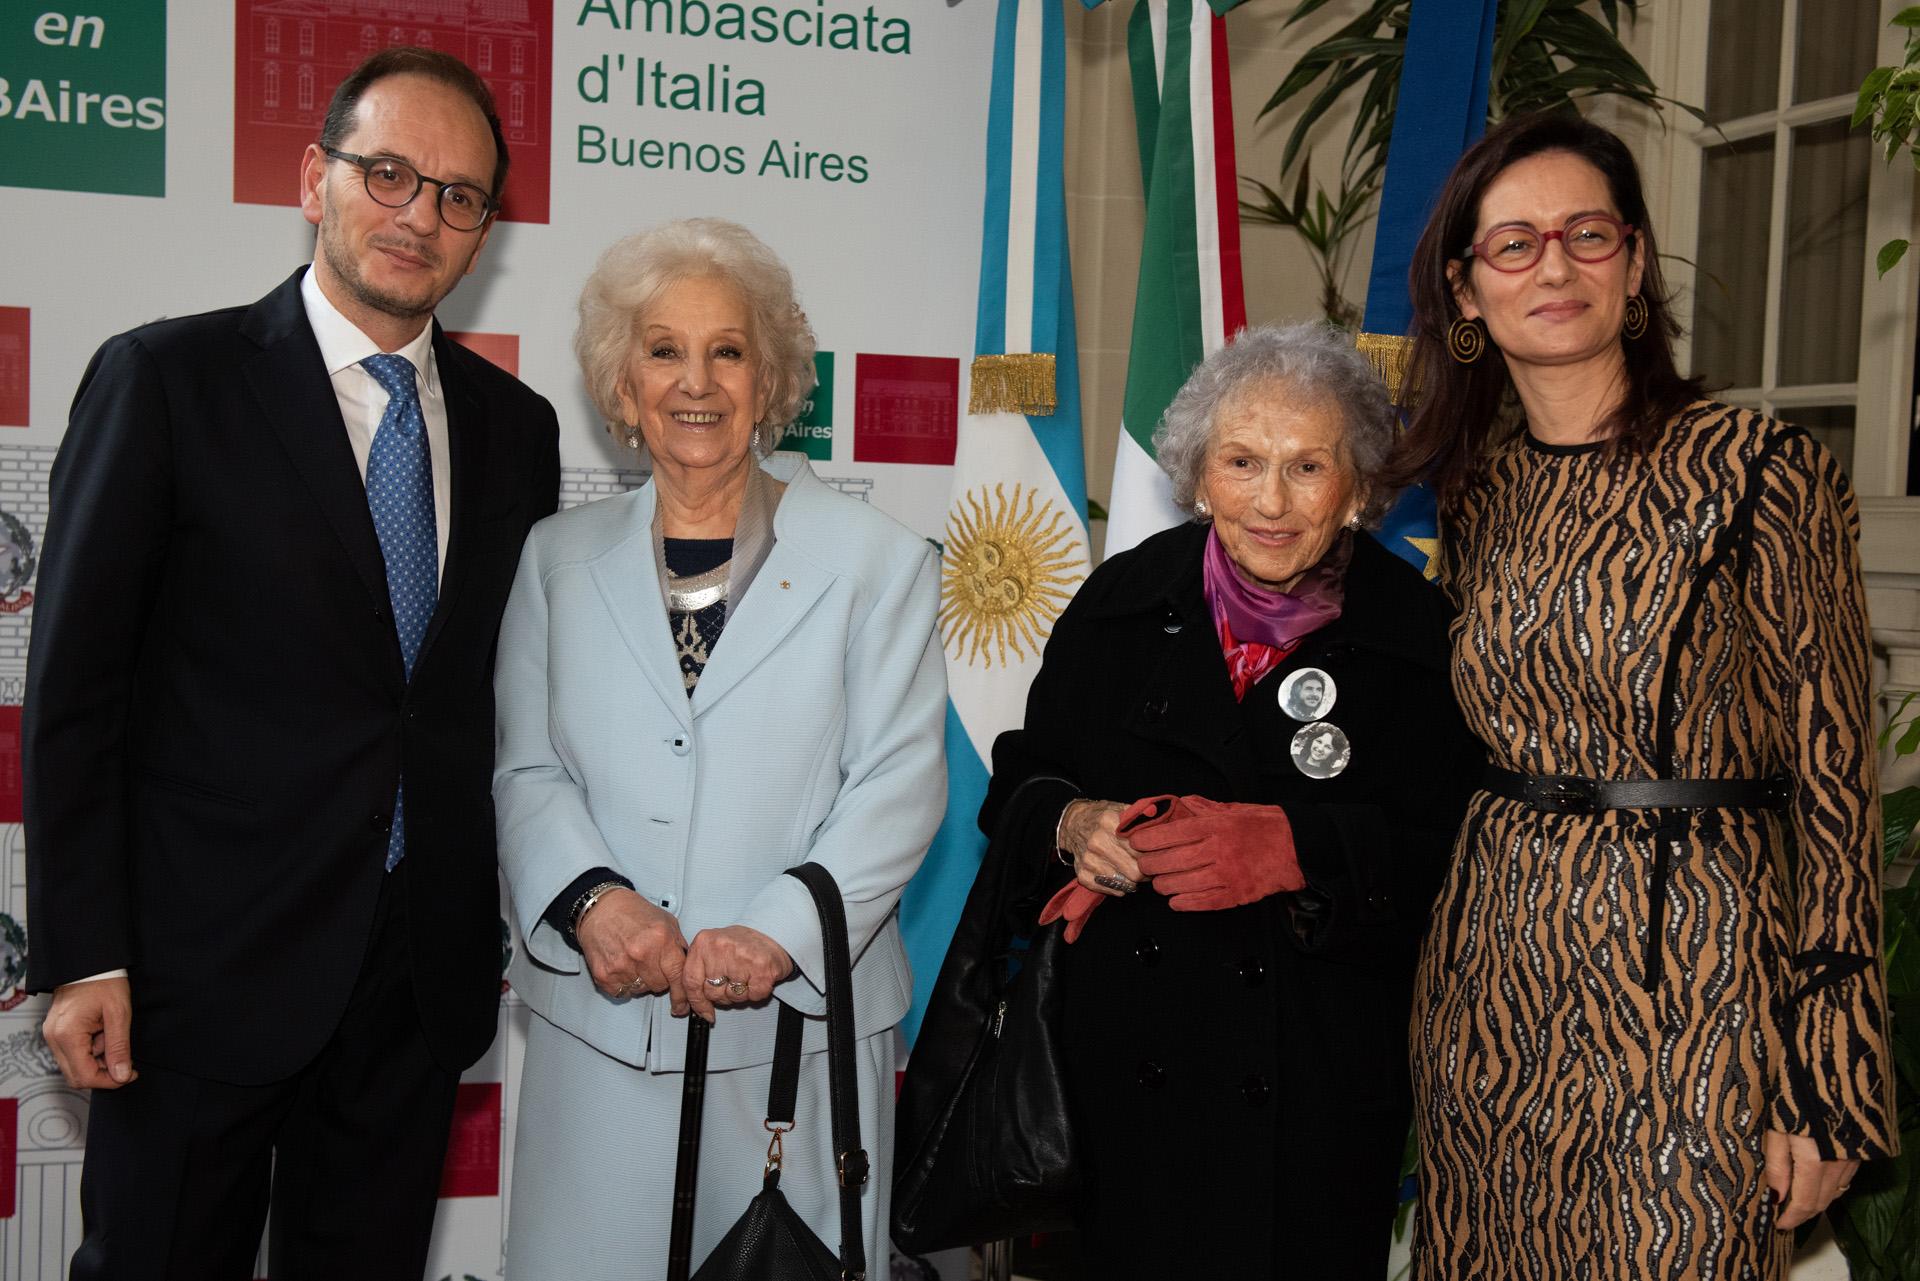 Estela de Carlotto, presidente de Abuelas de Plaza de Mayo; y Lita Boitano, presidenta de Familiares de Desaparecidos y Detenidos por Razones Políticas